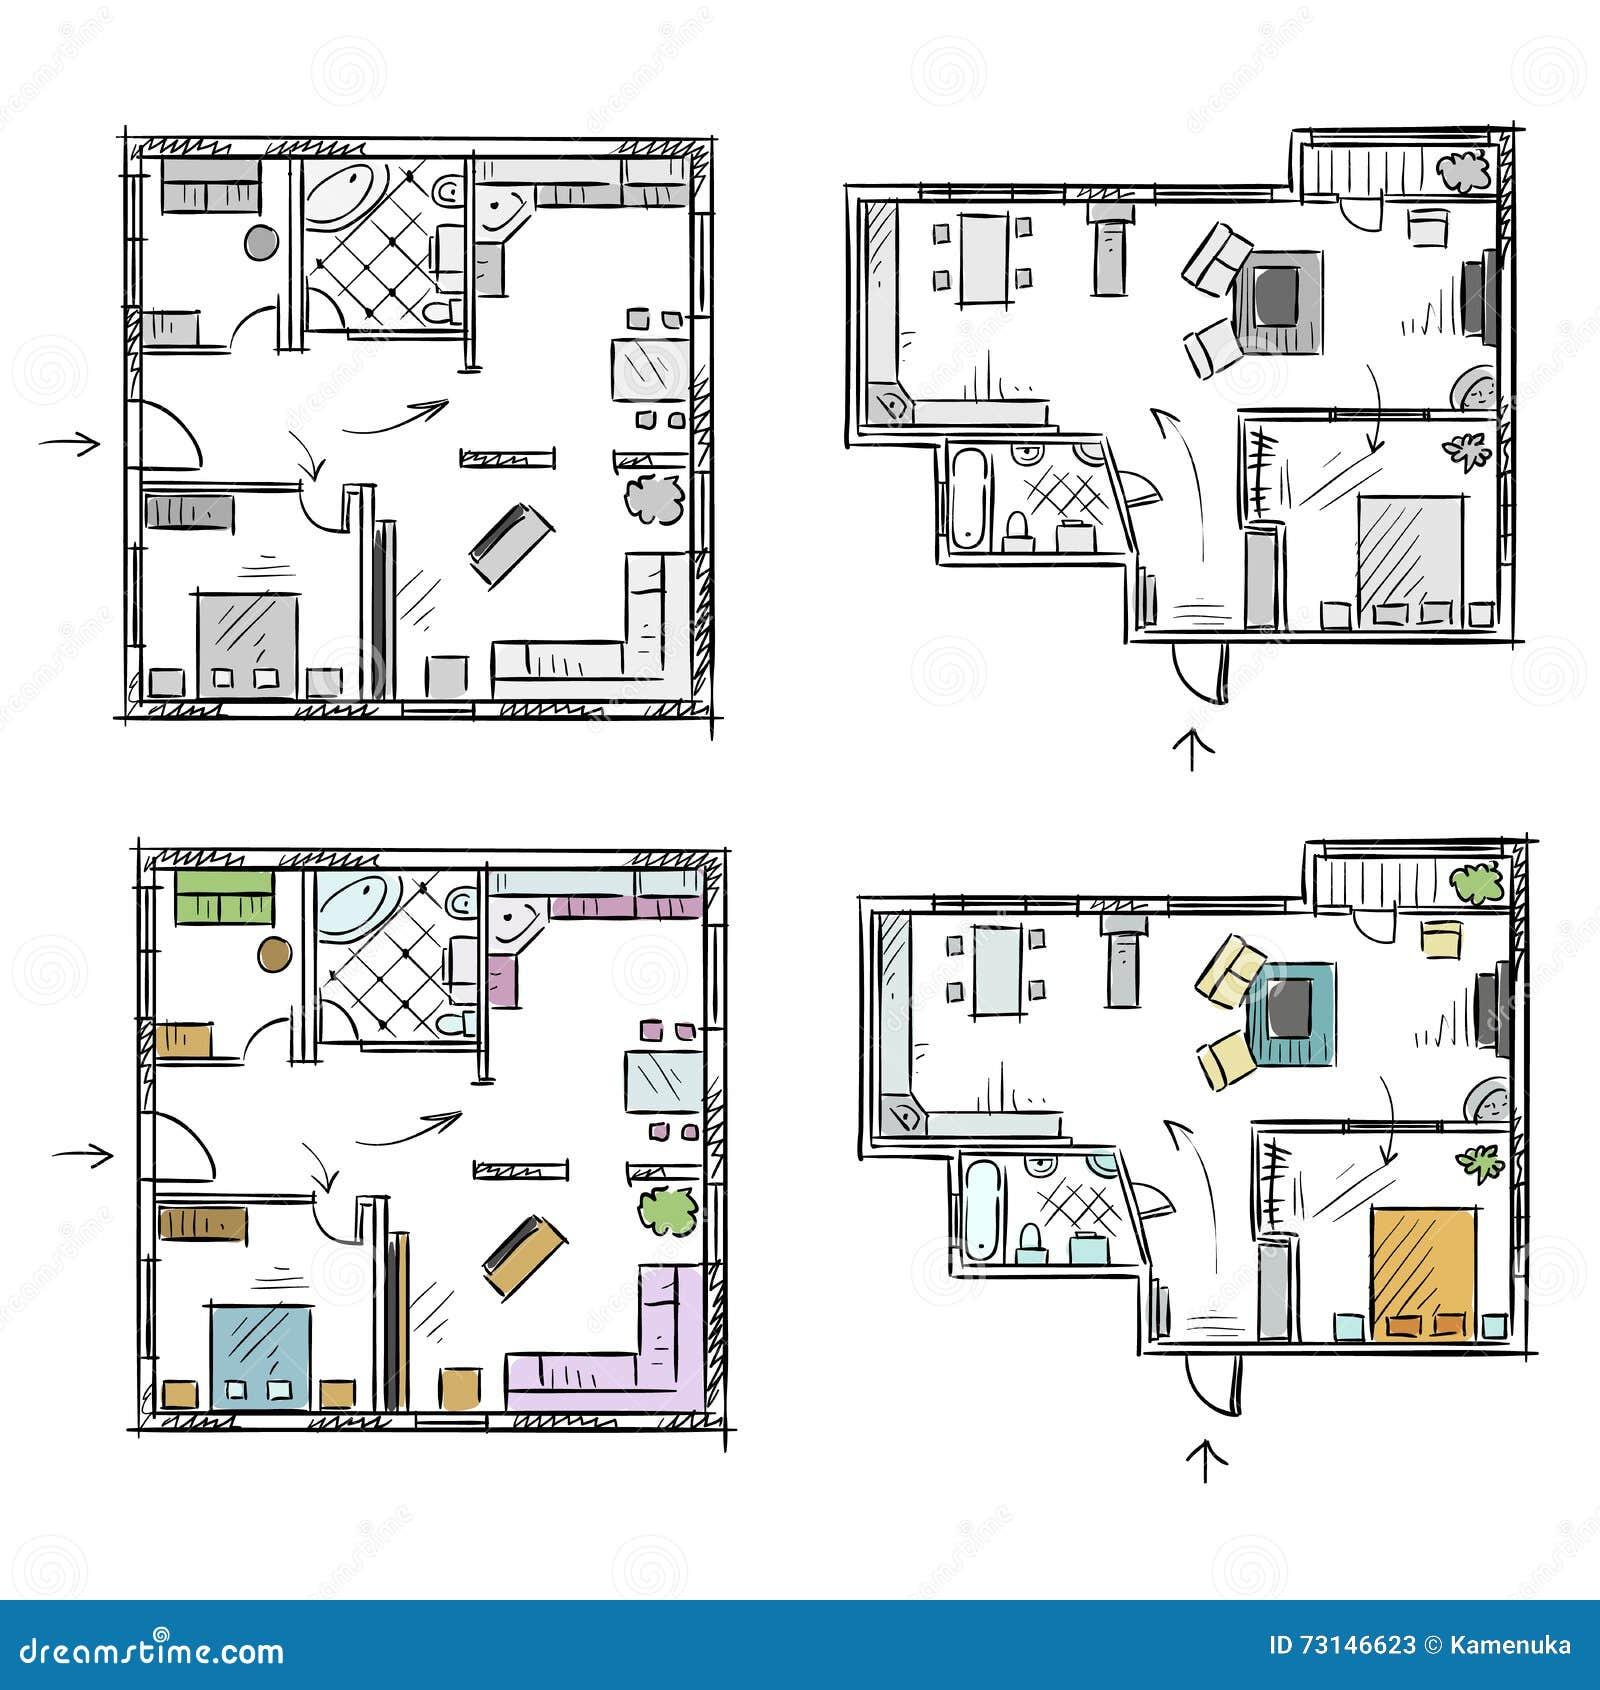 Wohnungsplan  Wohnungsplan Mit Möbeln, Vektorskizze Vektor Abbildung - Bild ...